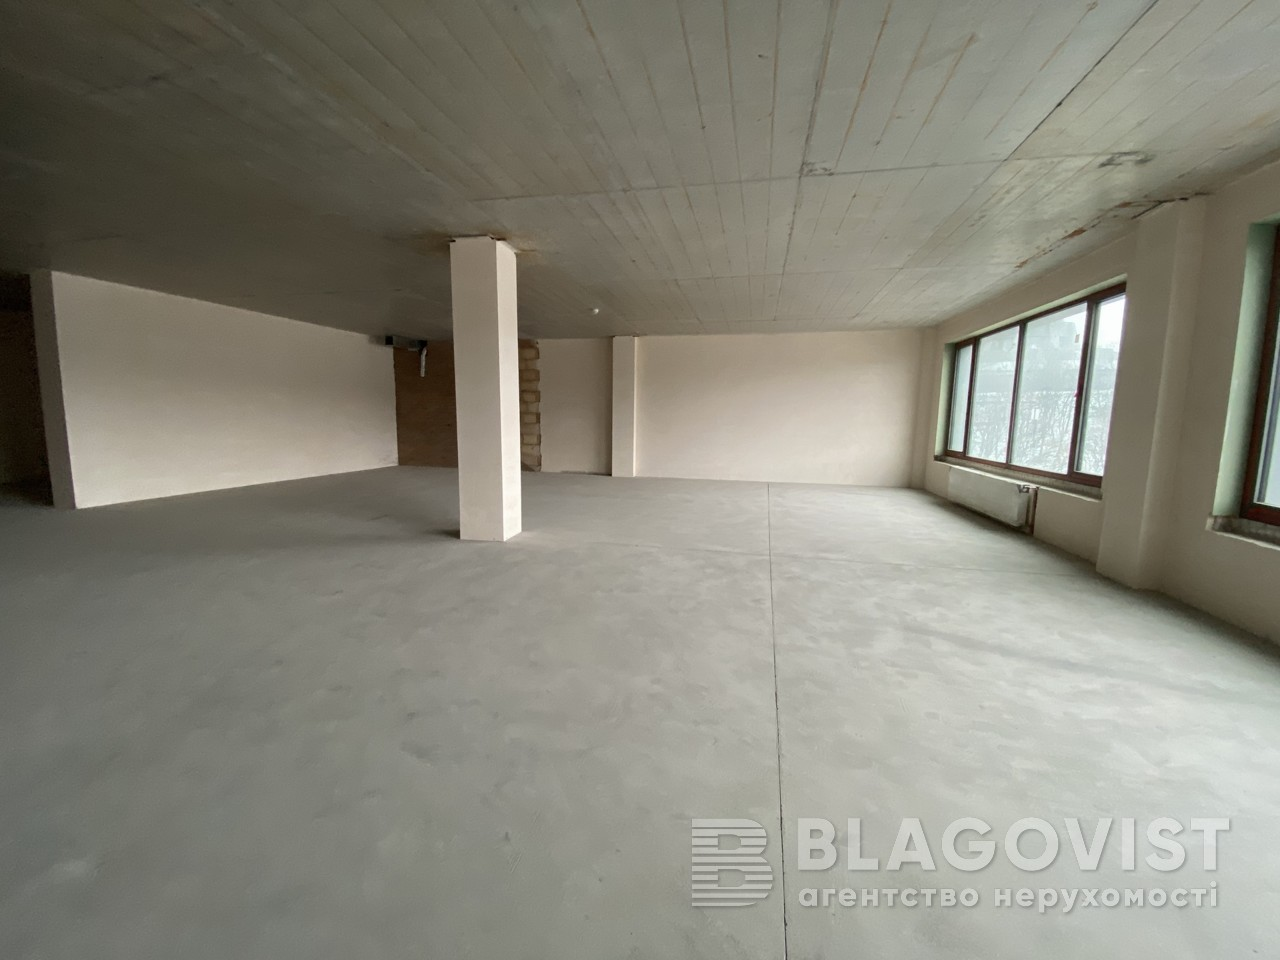 Квартира D-36915, Редутная, 67, Киев - Фото 11